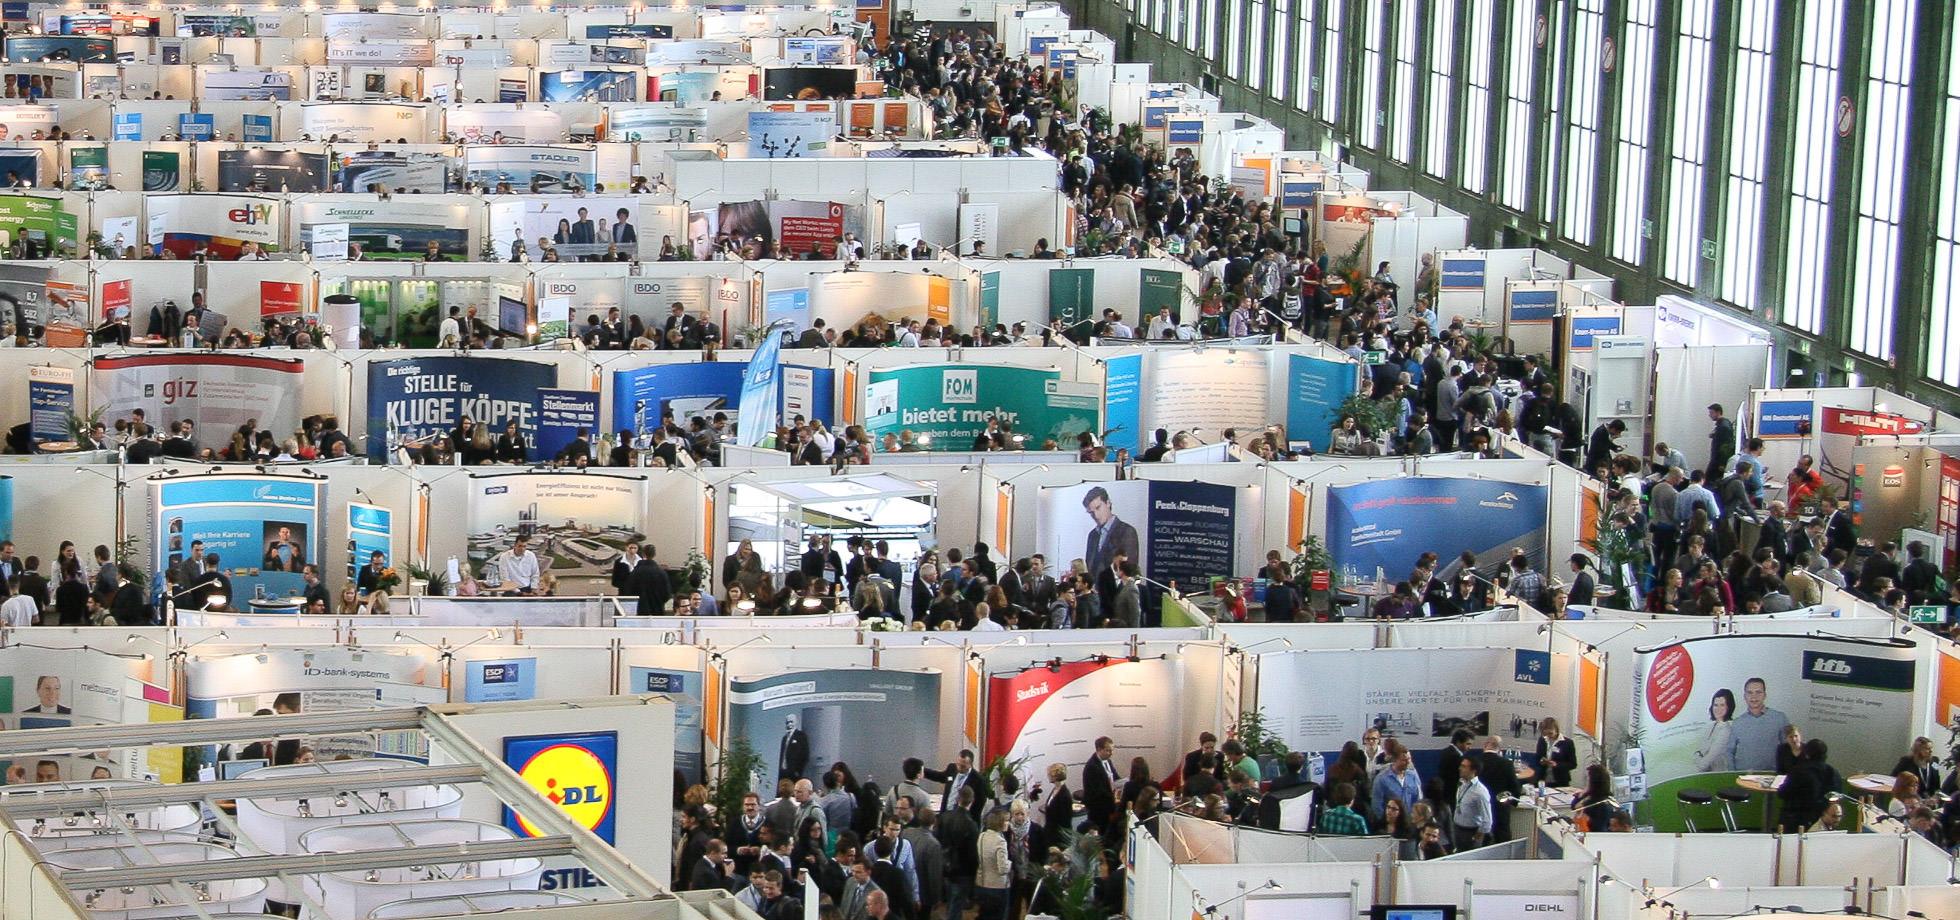 Foto von der Connecticum Firmenkontaktmesse Halle 1